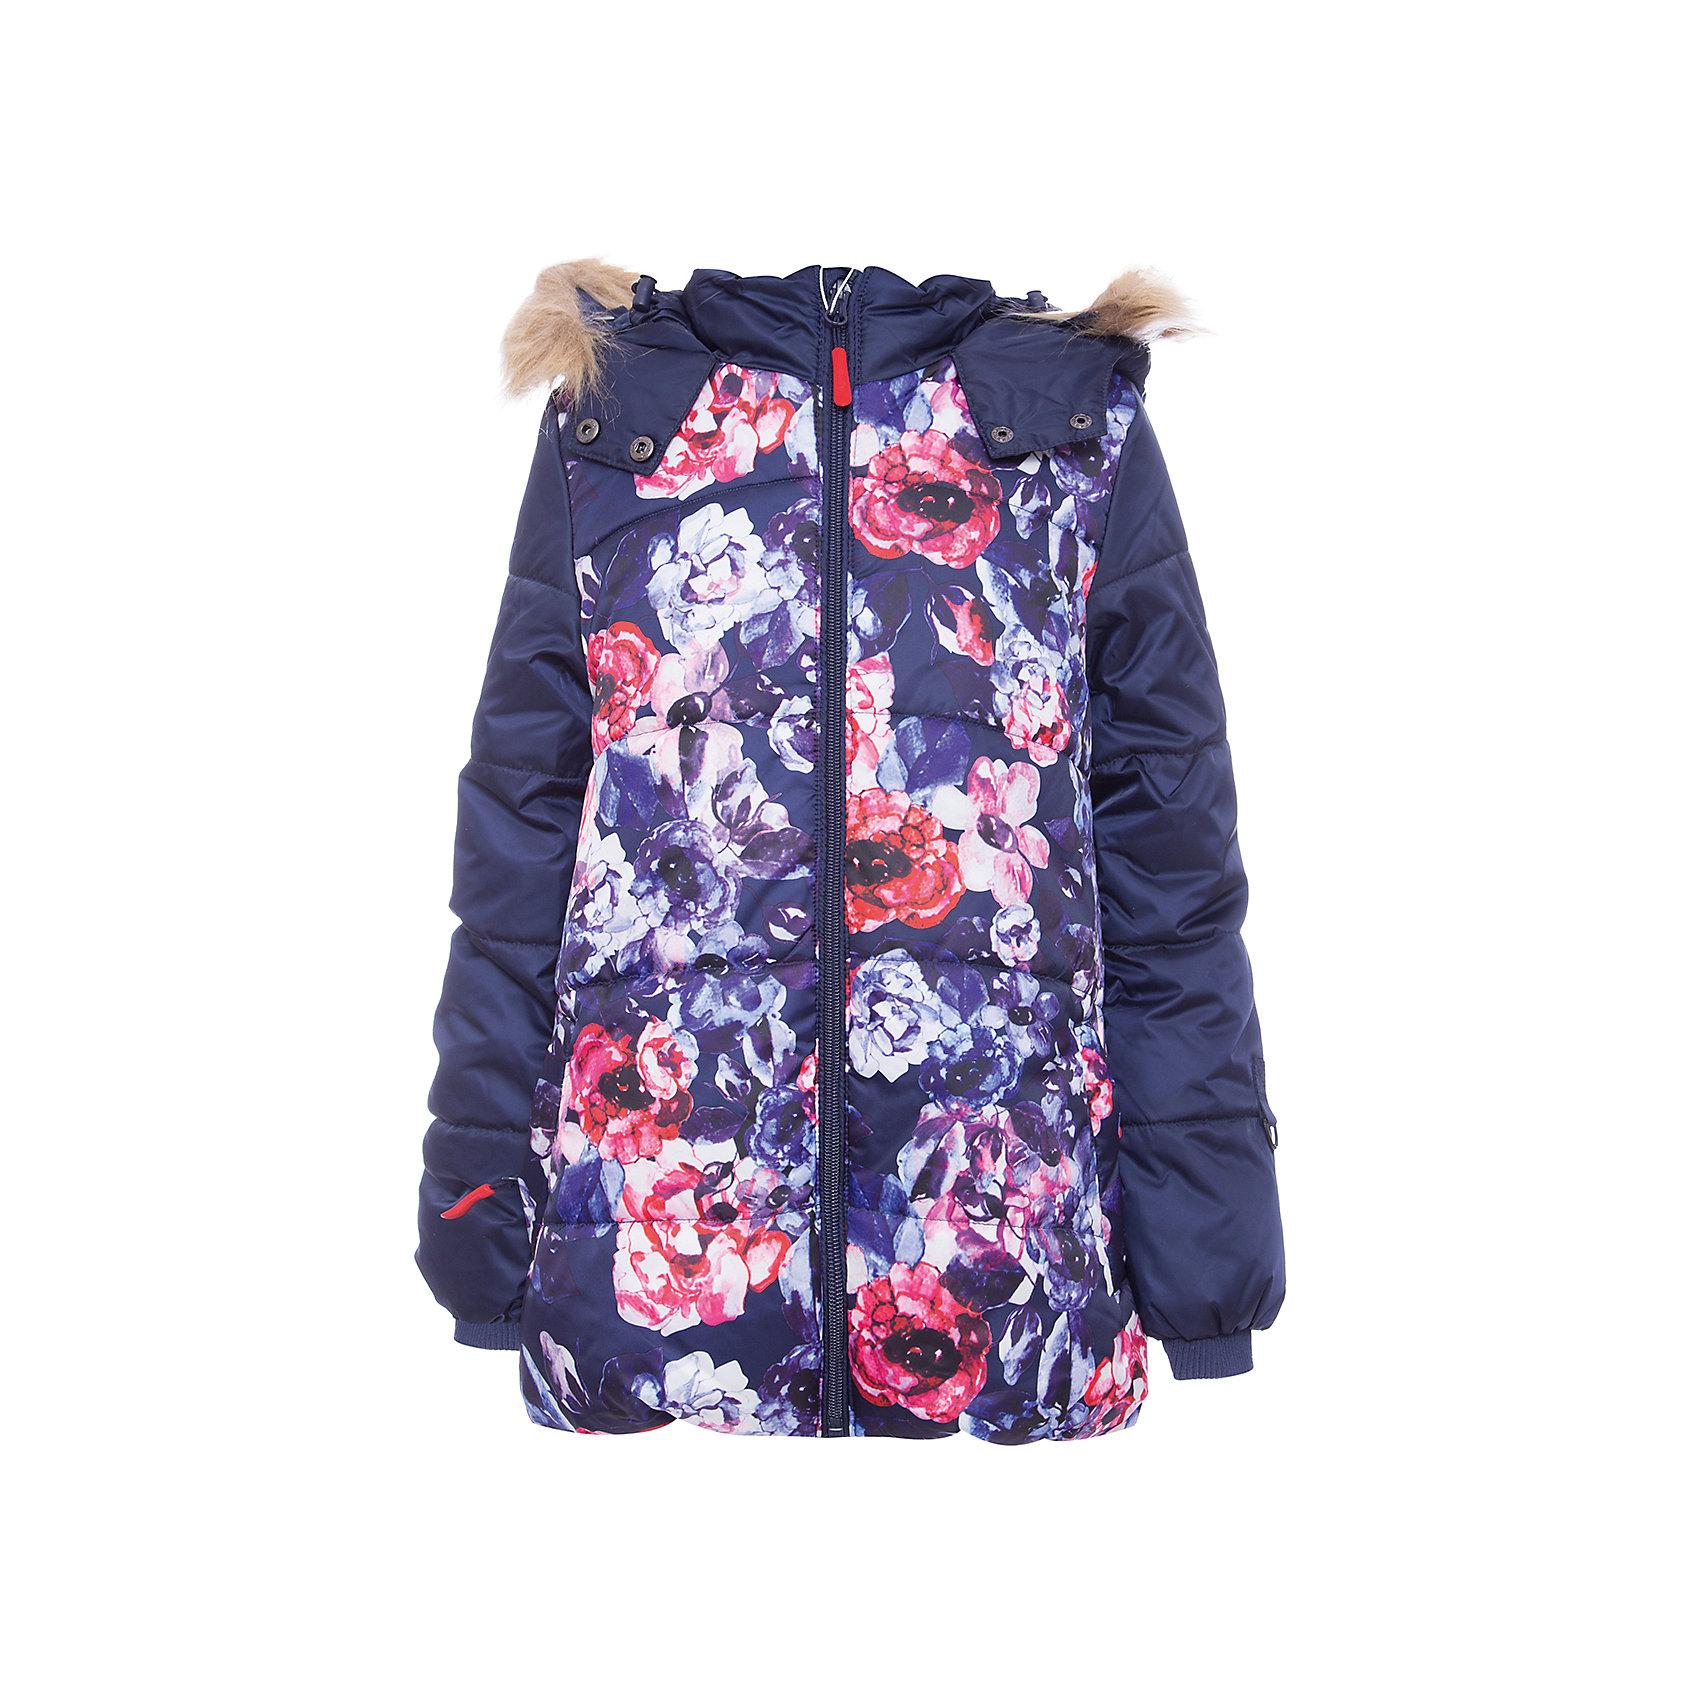 Куртка Scool для девочкиВерхняя одежда<br>Куртка Scool для девочки<br>Теплая куртка из водонепроницаемой принтованной ткани. Модель на молнии. Специальный карман для фиксации бегунка не позволит застежке травмировать нежную детскую кожу. Подкладка из флиса. Встрочной капюшон дополнен опушкой из искусственного меха, при необходимости опушку можно отстегнуть. Воротник и манжеты на мягких трикотажных резинках. Куртка с заниженной спинкой. Рукава дополнены кольцами для перчаток. Светоотражатели обеспечат видимость ребенка в темное время суток. Куртка с двумя встрочными карманами.<br>Состав:<br>Верх: 100% полиэстер, Подкладка: 100% полиэстер, Наполнитель: 100% полиэстер, 300 г/м2<br><br>Ширина мм: 356<br>Глубина мм: 10<br>Высота мм: 245<br>Вес г: 519<br>Цвет: белый<br>Возраст от месяцев: 156<br>Возраст до месяцев: 168<br>Пол: Женский<br>Возраст: Детский<br>Размер: 164,134,140,146,152,158<br>SKU: 7105485